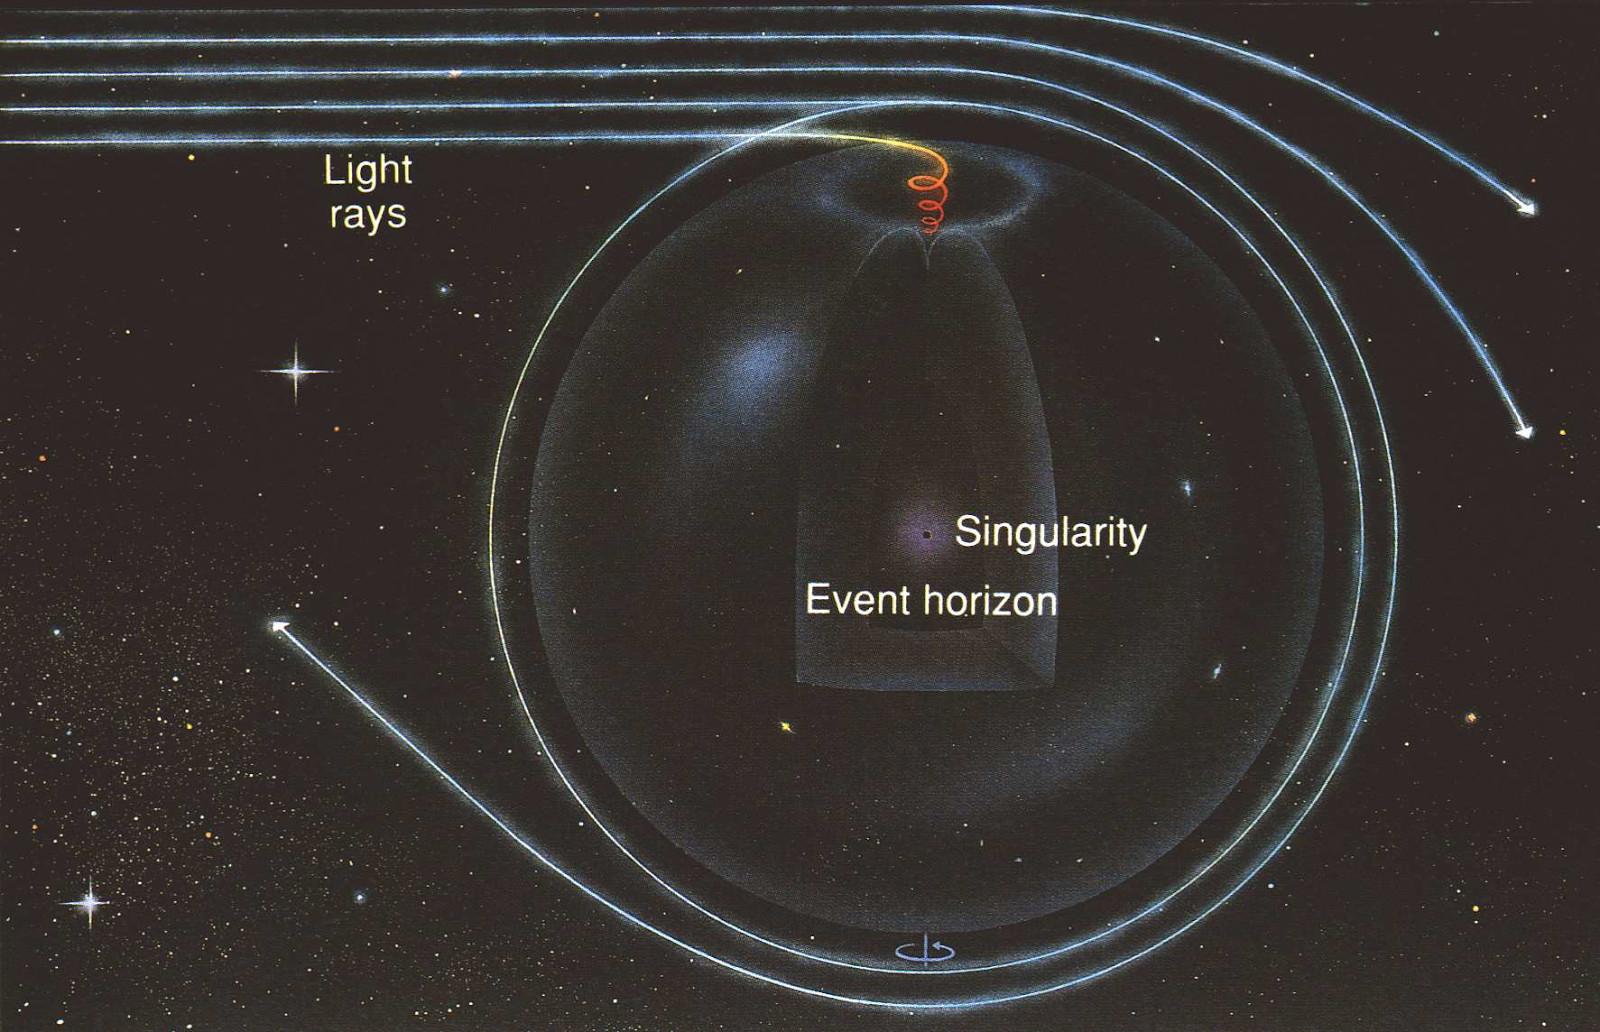 Мегаструктуры будущего: сфера Дайсона, звёздный двигатель и «бомба из чёрной дыры» - 4